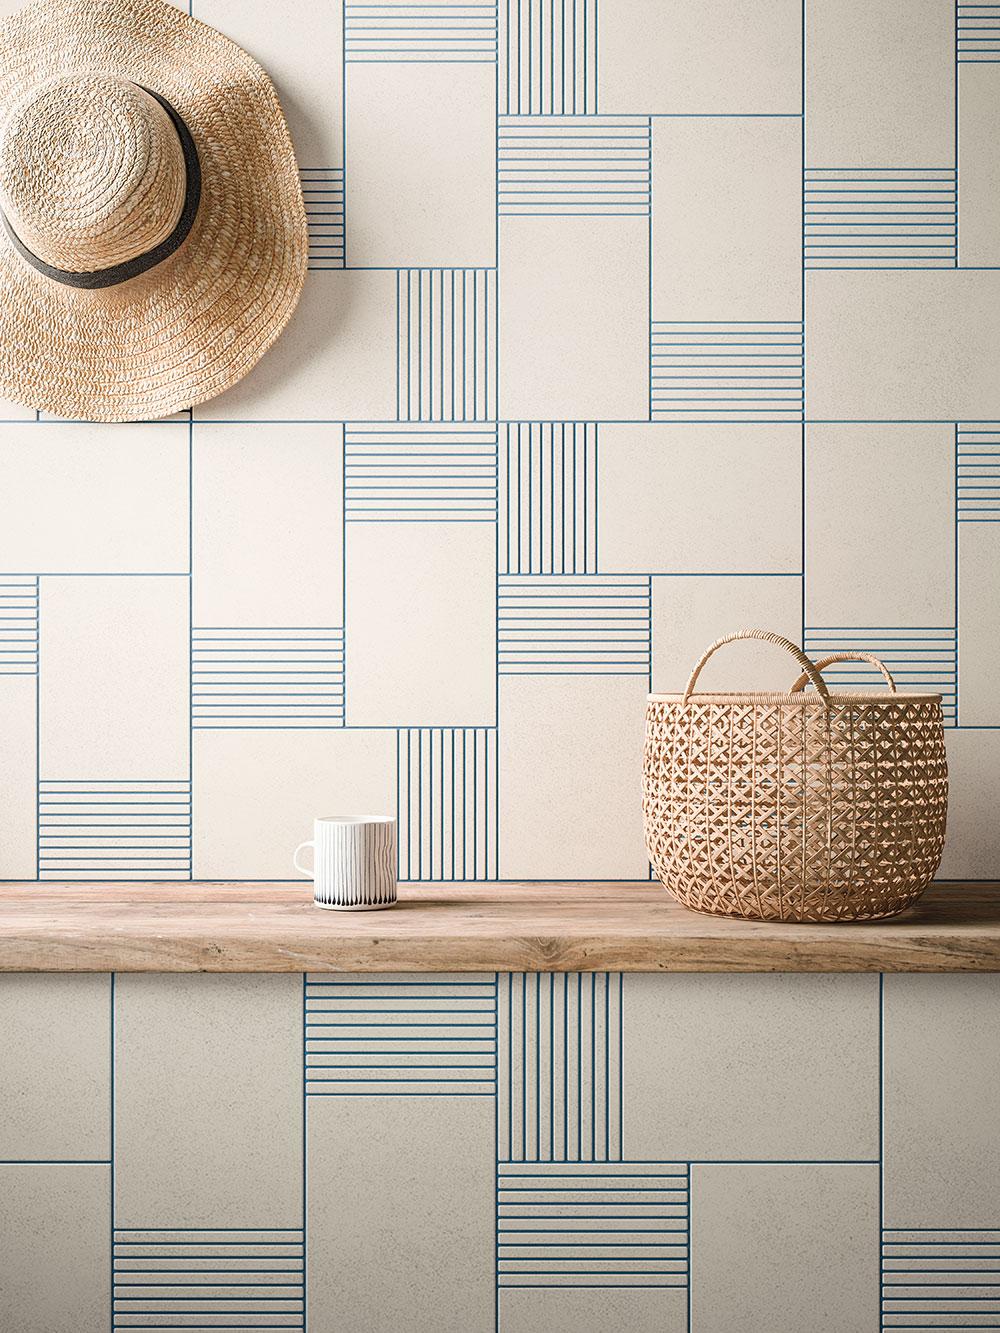 amb-living-ceramics-cava-white-02-hr